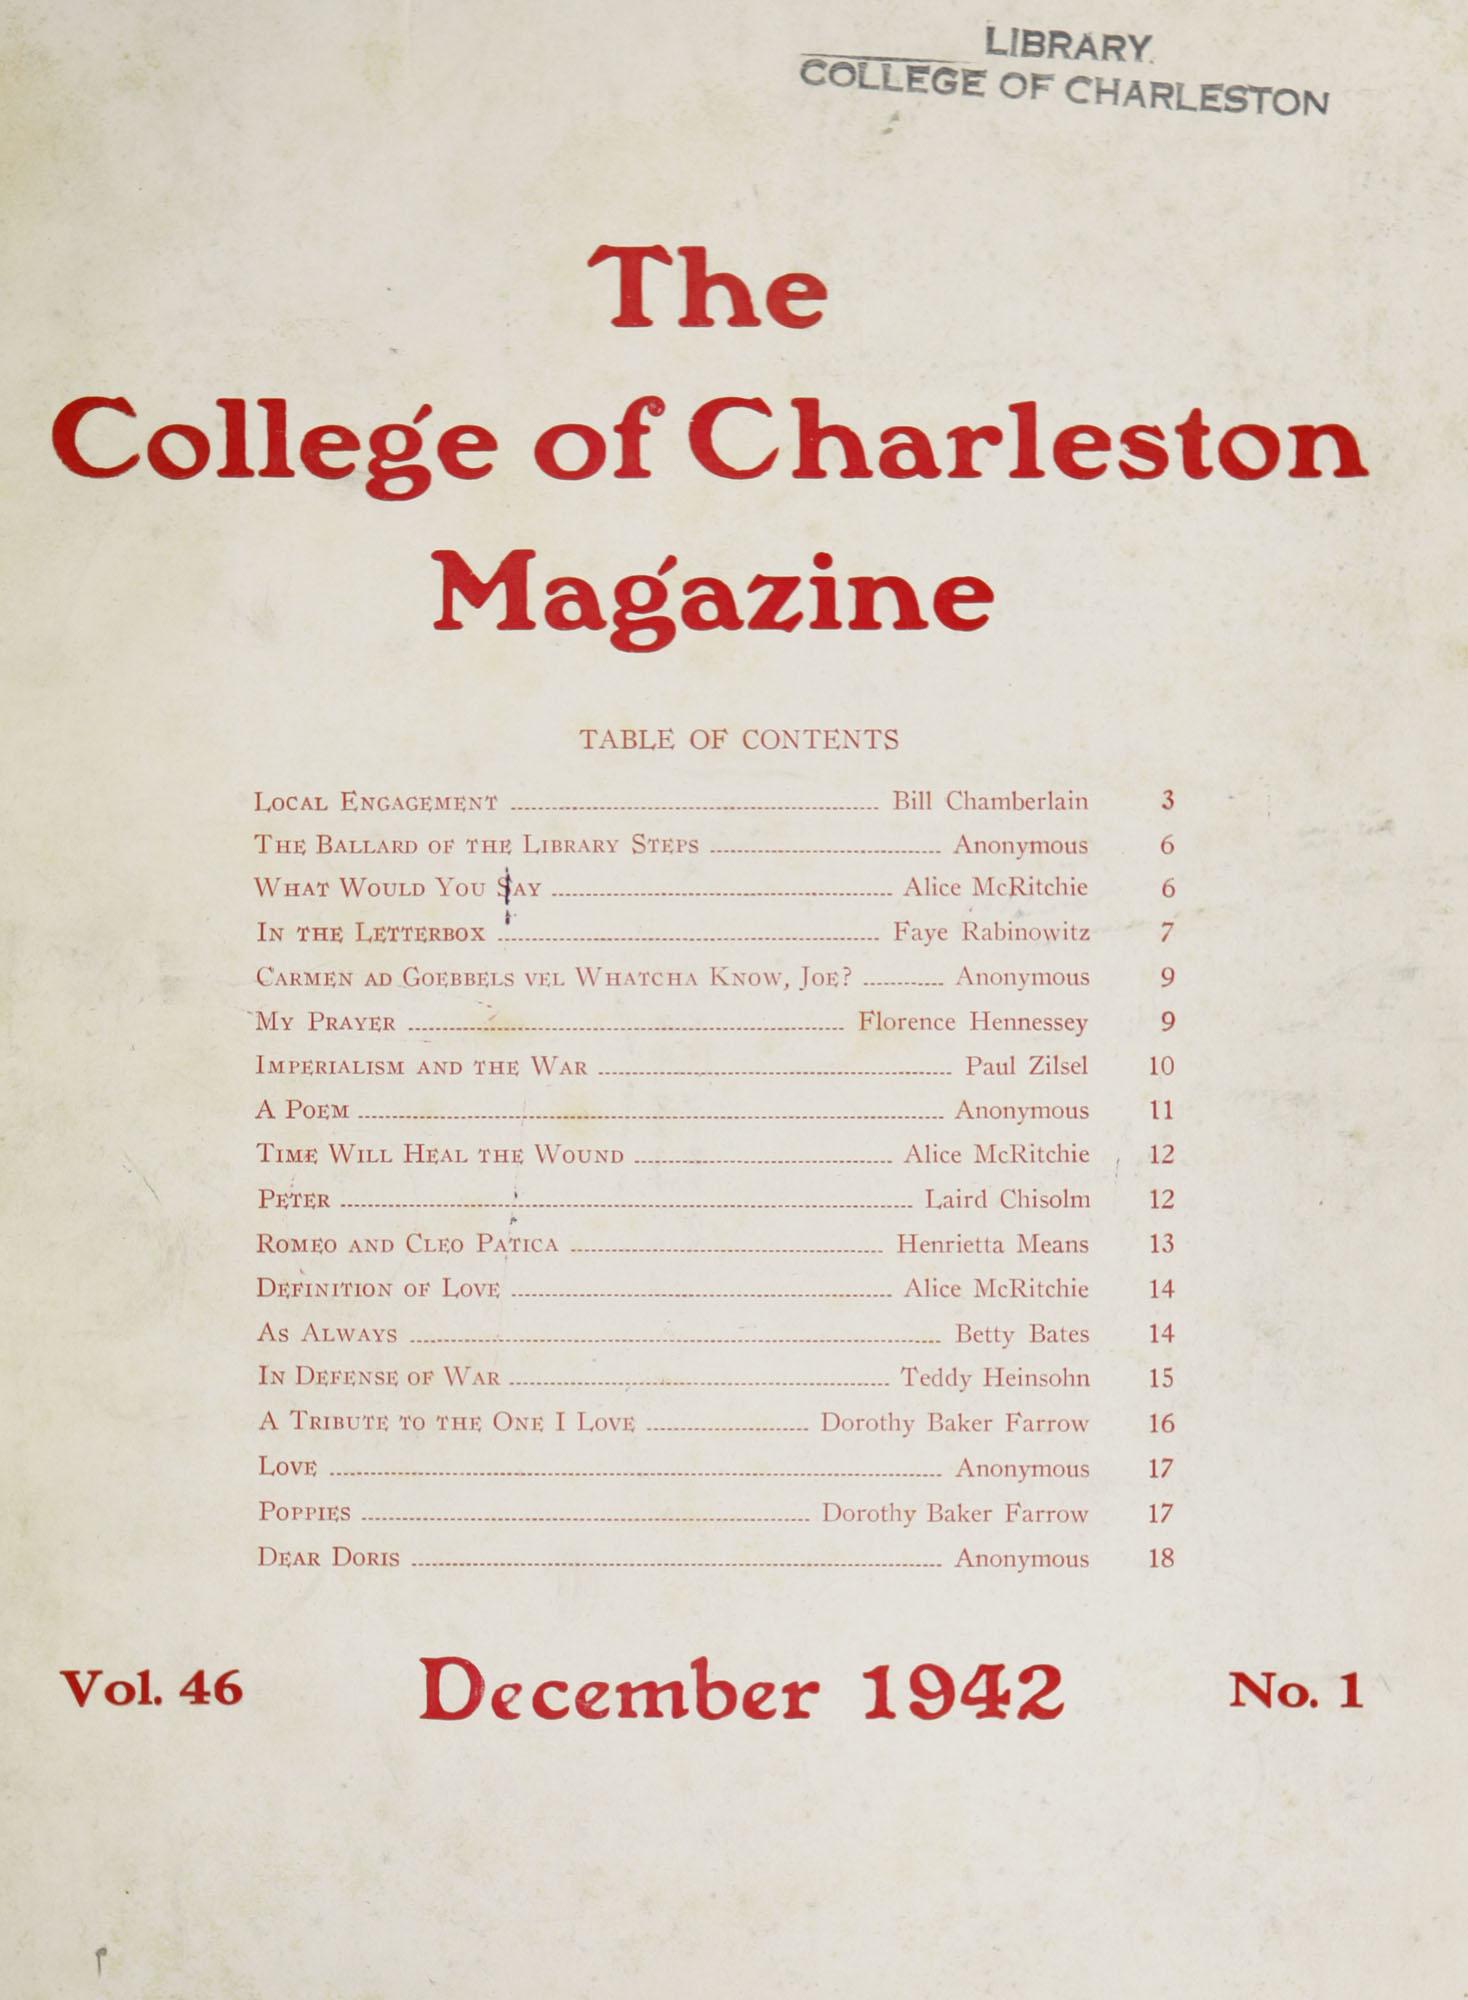 College of Charleston Magazine, 1942-1943